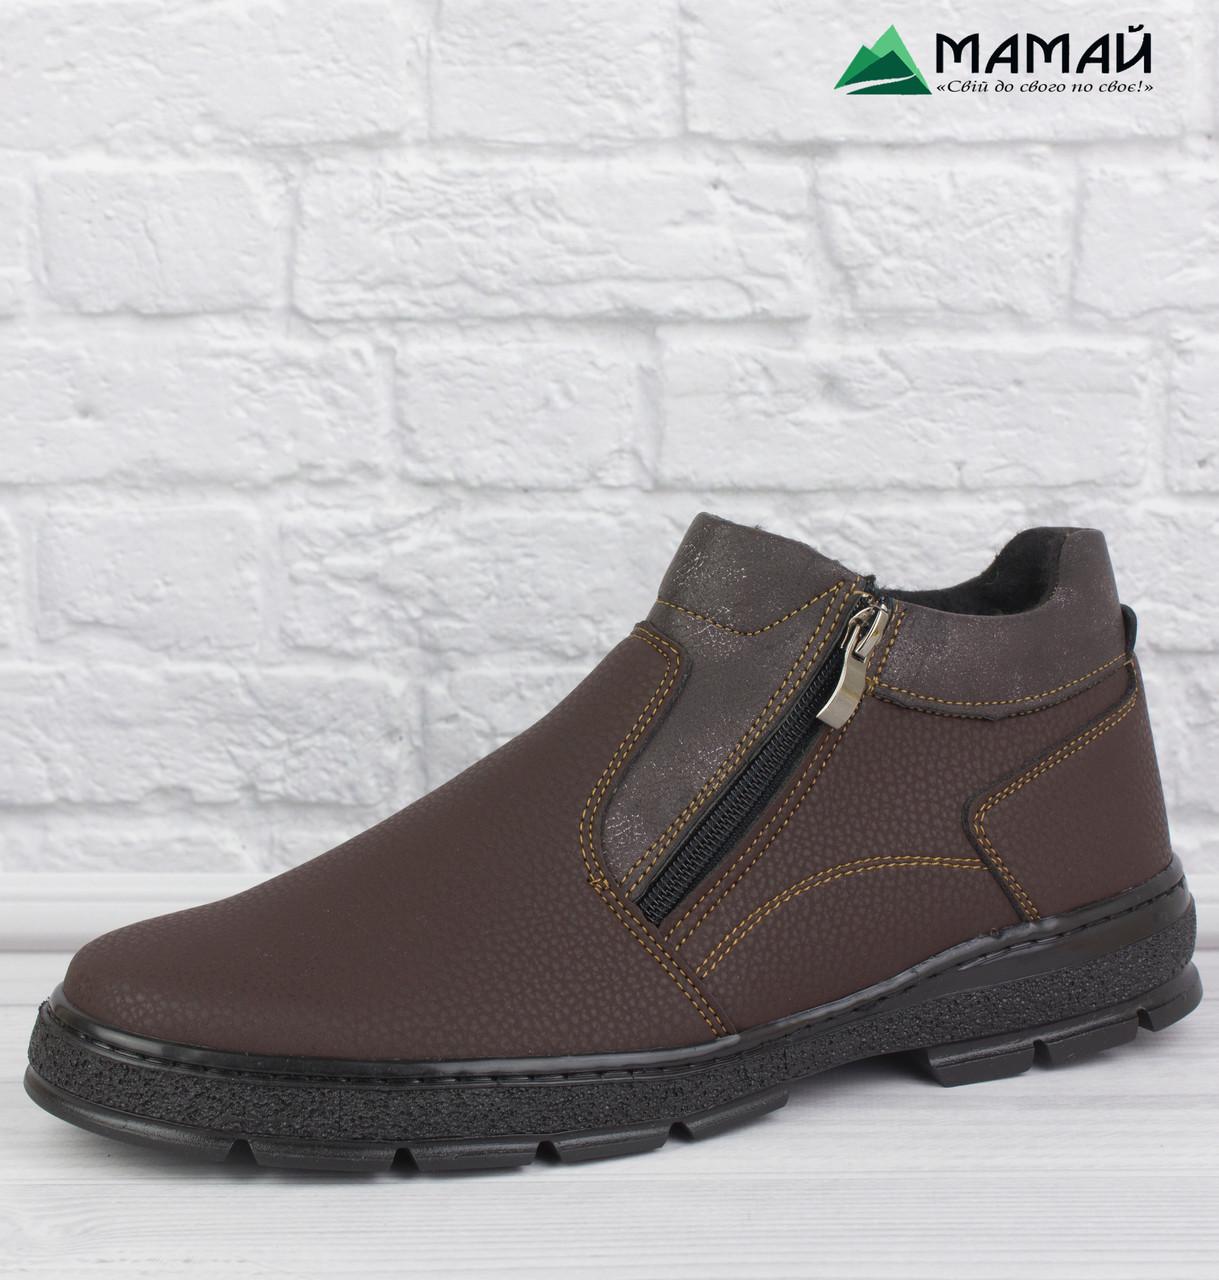 40р Зимові класичні черевики на хутрі -12 °C